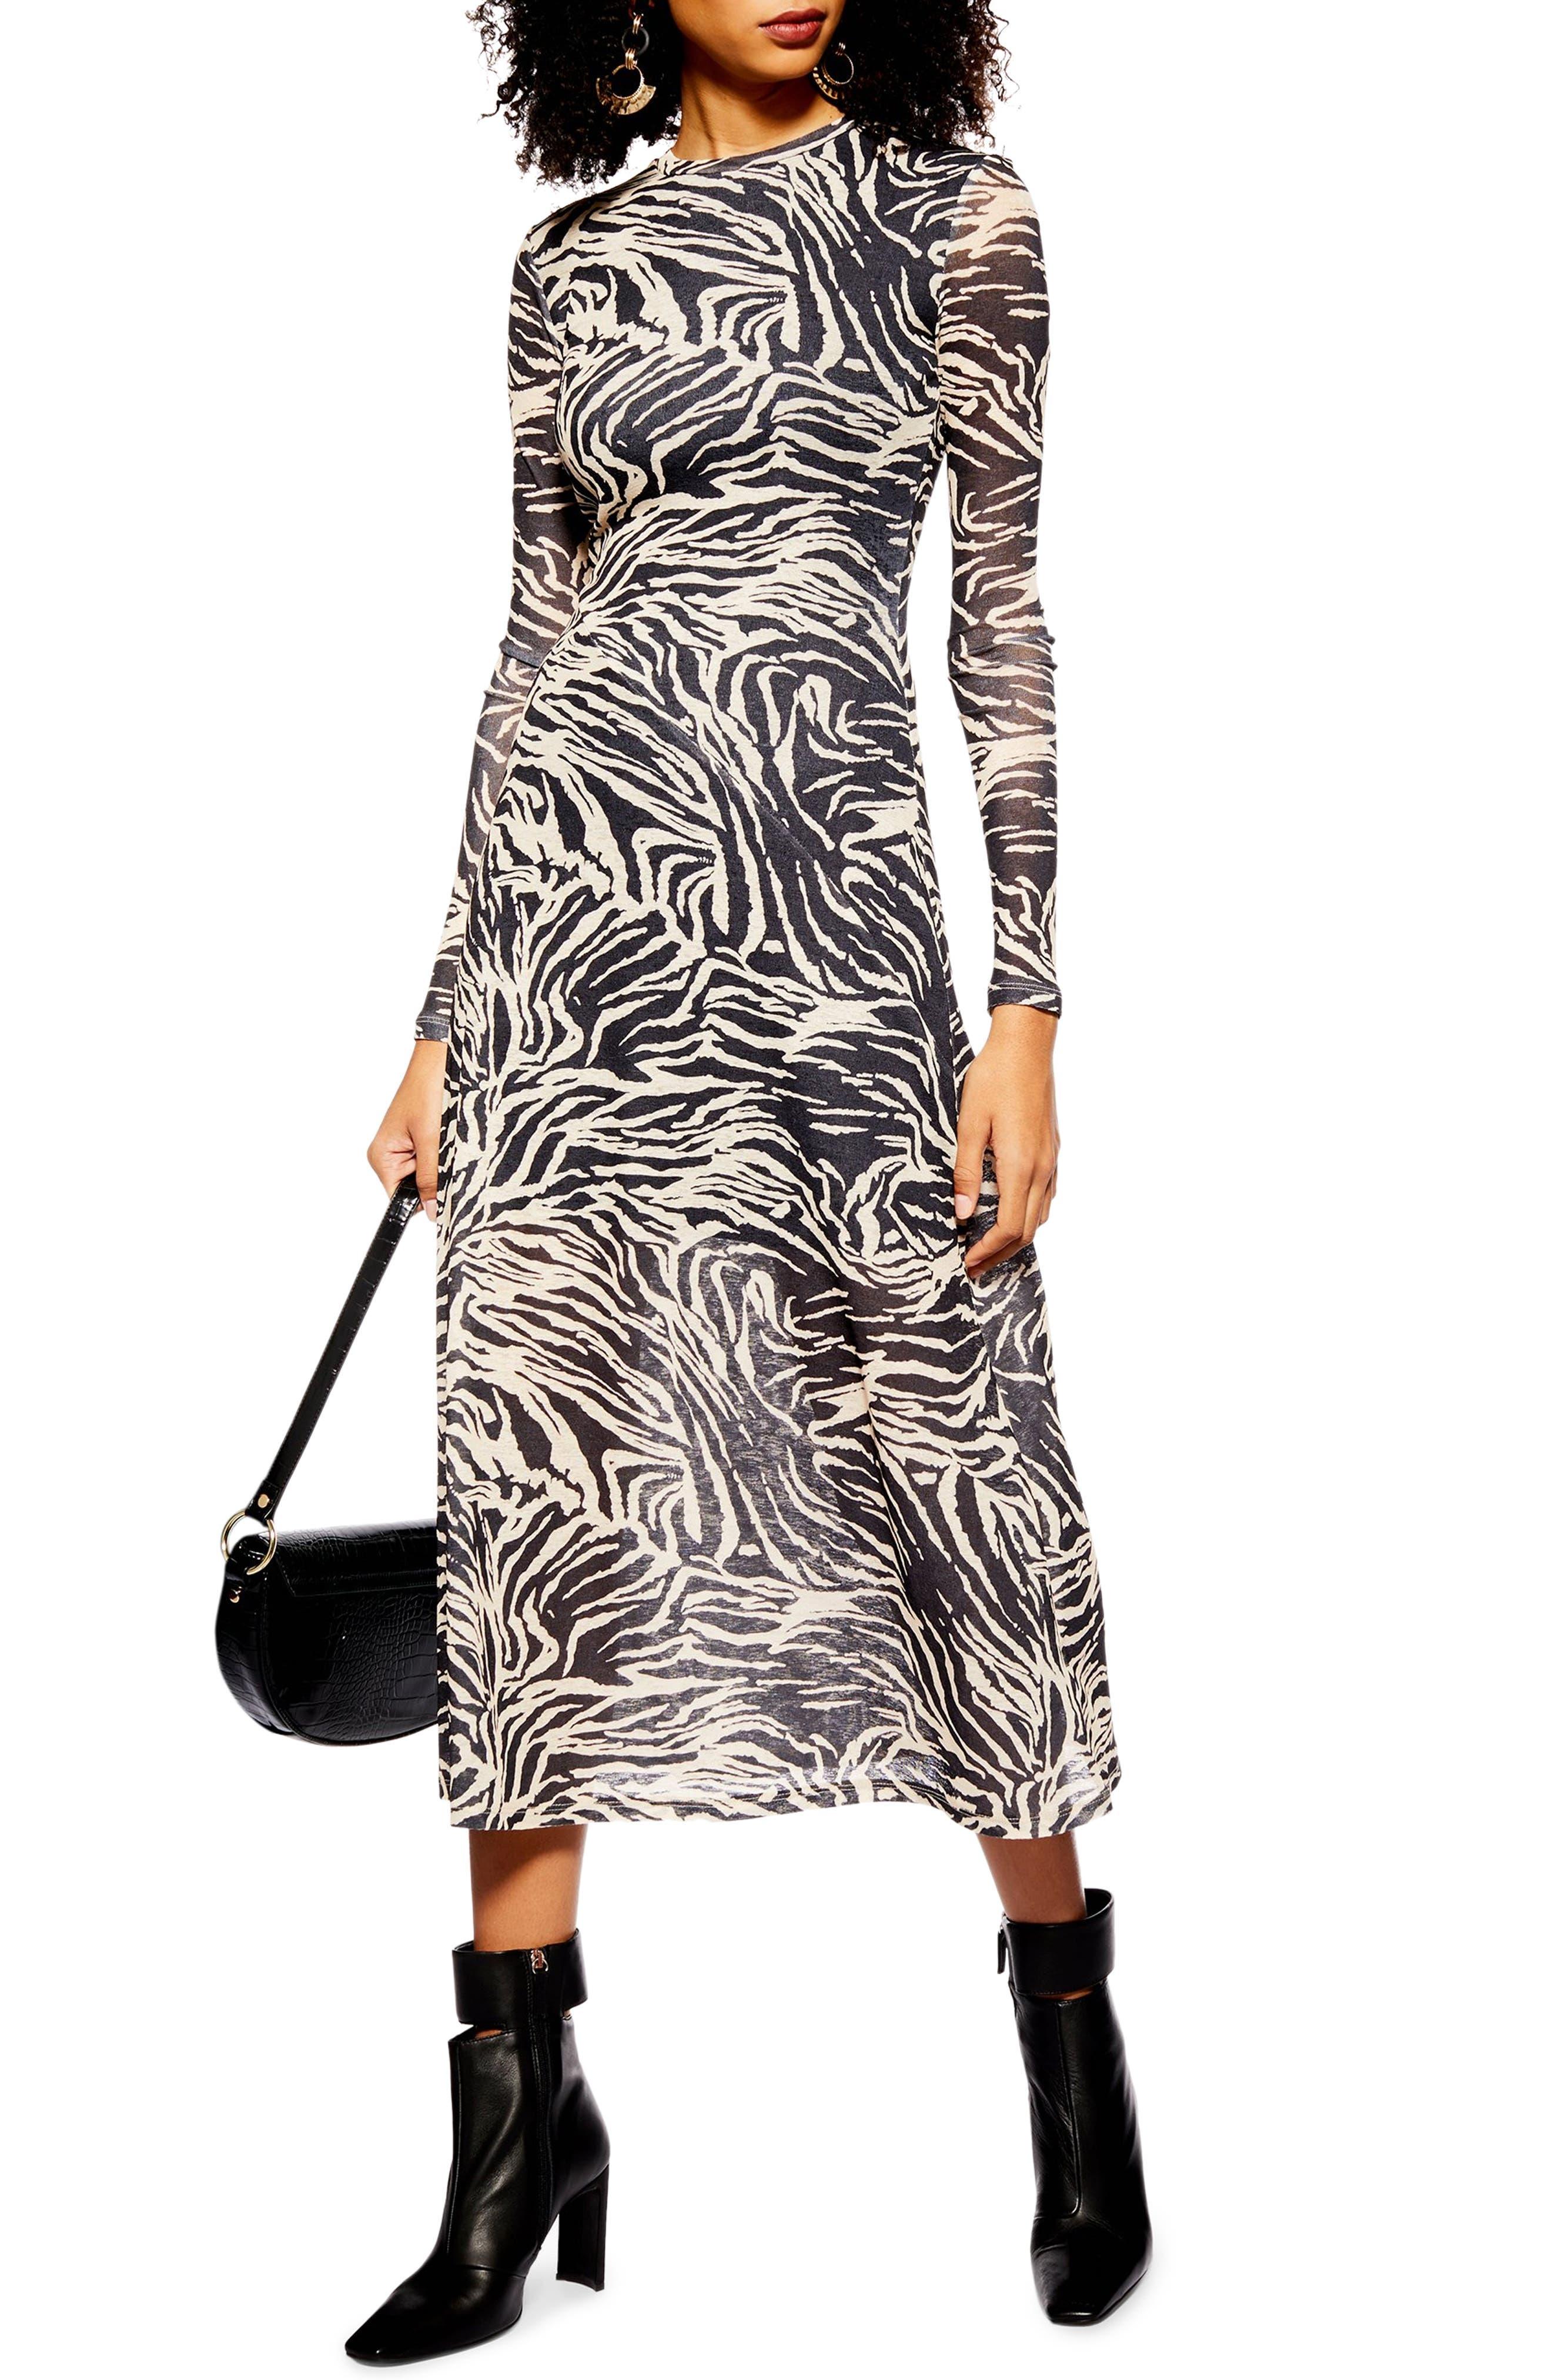 Topshop Zebra Mesh Midi Dress